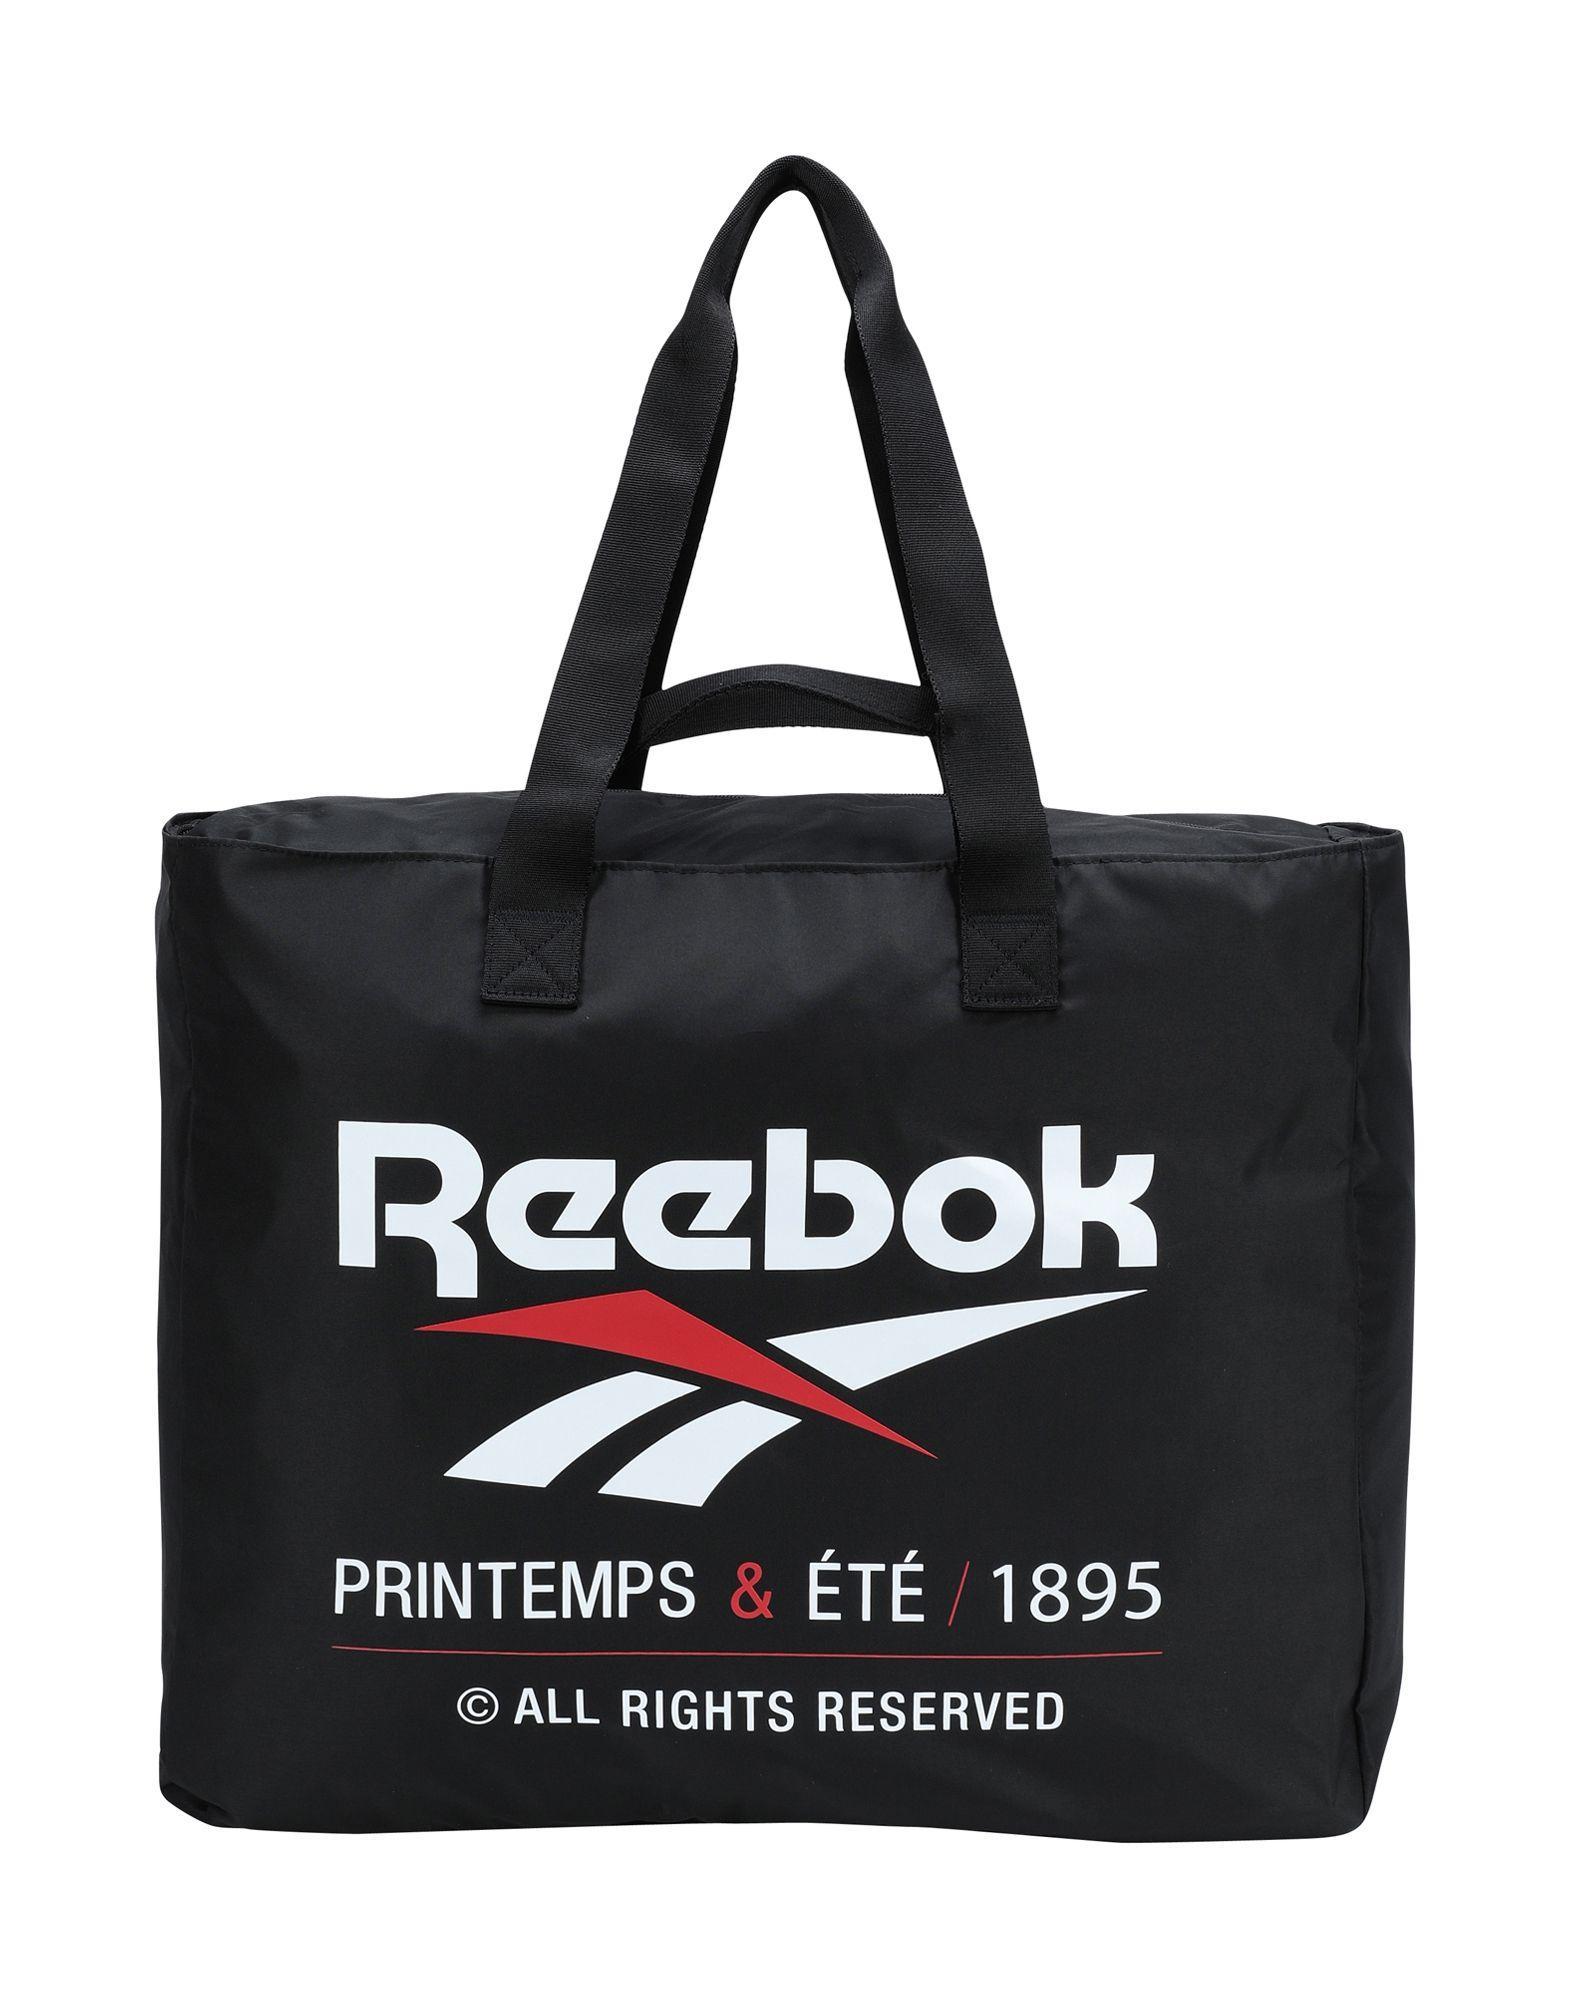 51f0e5a4 Женские сумки Reebok купить в интернет магазине - официальный сайт ...